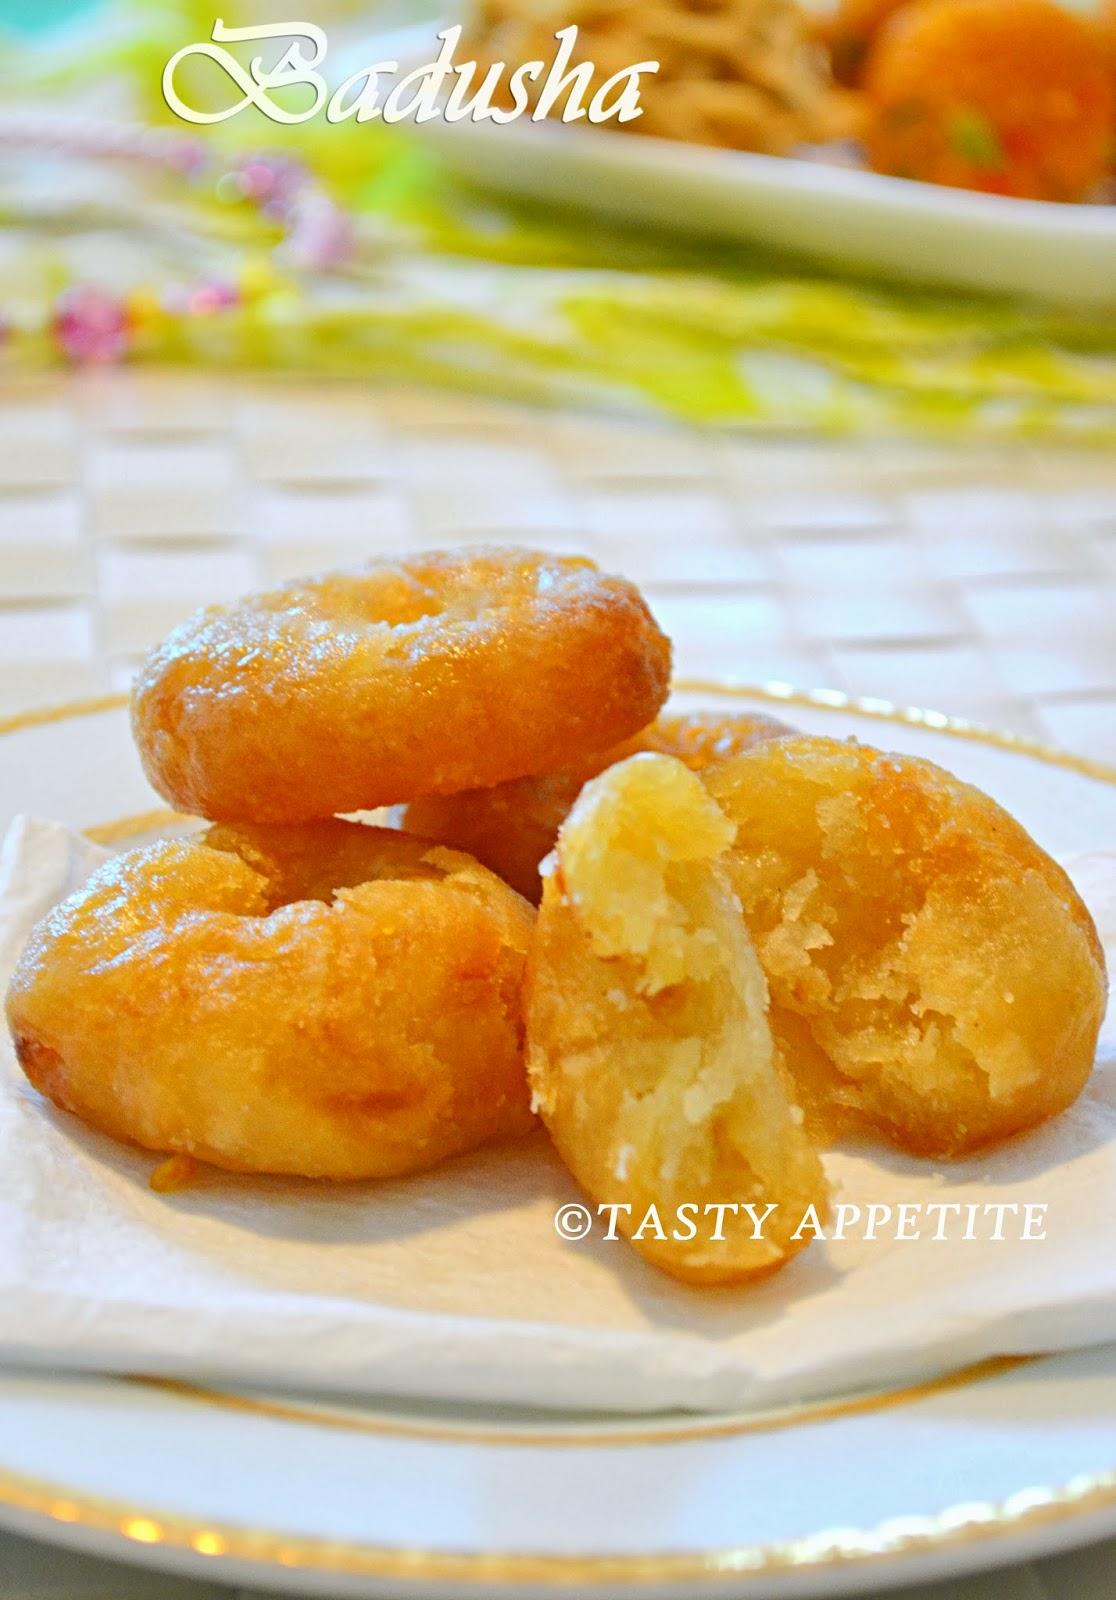 How to make badusha badusha sweet recipe easy step by step badusha sweet recipe easy step by step recipe forumfinder Gallery